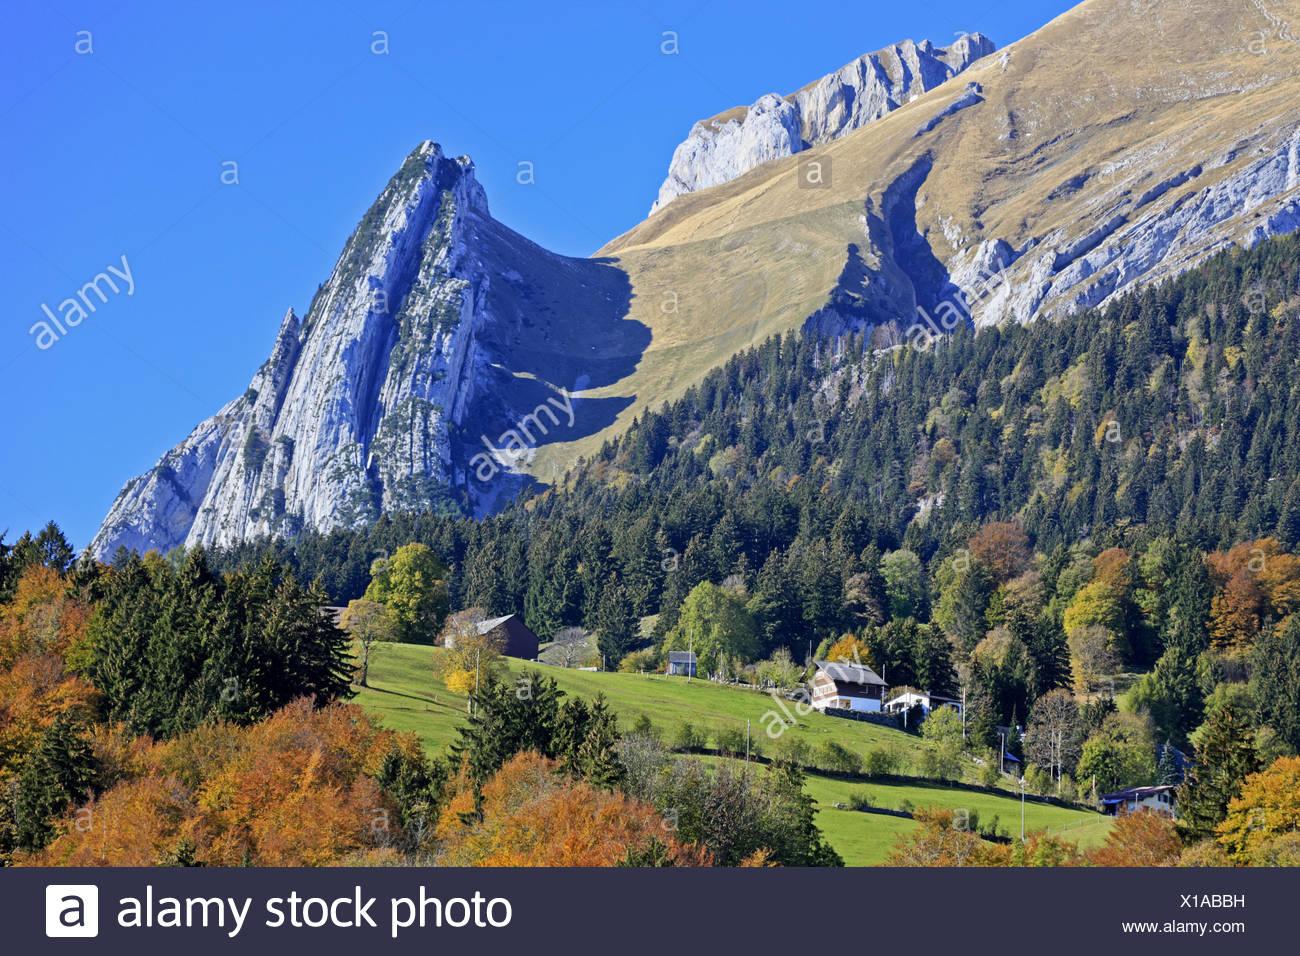 Schweiz, Schweizer Alpen, Appenzell, St. Gallen, alp Stein massiv, Stockbild